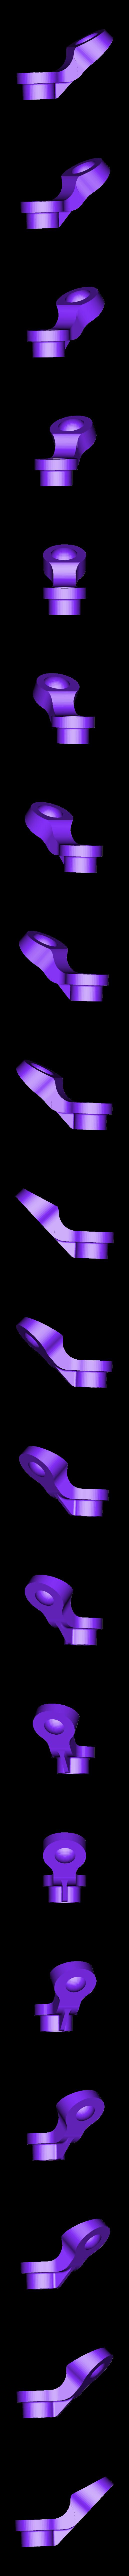 Crank_V1.stl Télécharger fichier STL gratuit Transmission entre trois arbres (SANS VITESSES) • Design pour impression 3D, 3DED